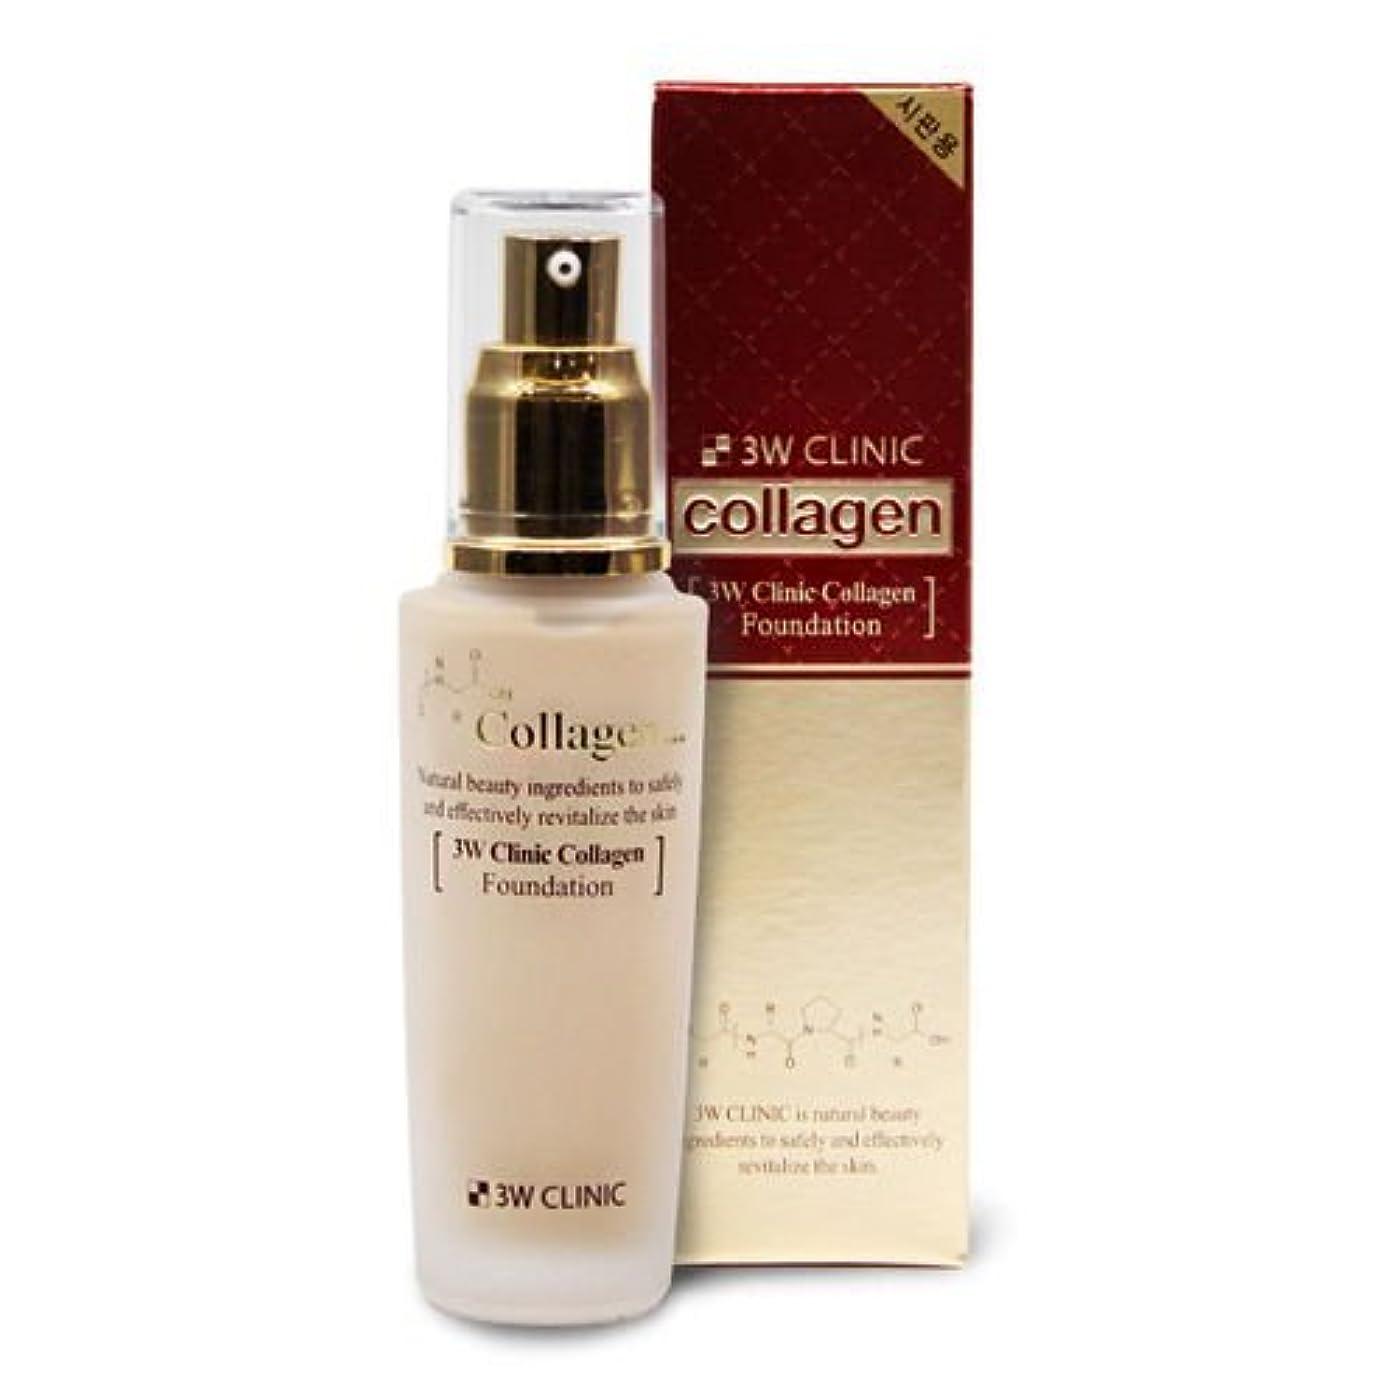 柔らかい足結論いたずら3Wクリニック[韓国コスメ3w Clinic]Collagen Foundation Perfect Cover Make-Up Base コラーゲンファンデーションパーフェクトカバーメイクアップベース50ml[並行輸入品...